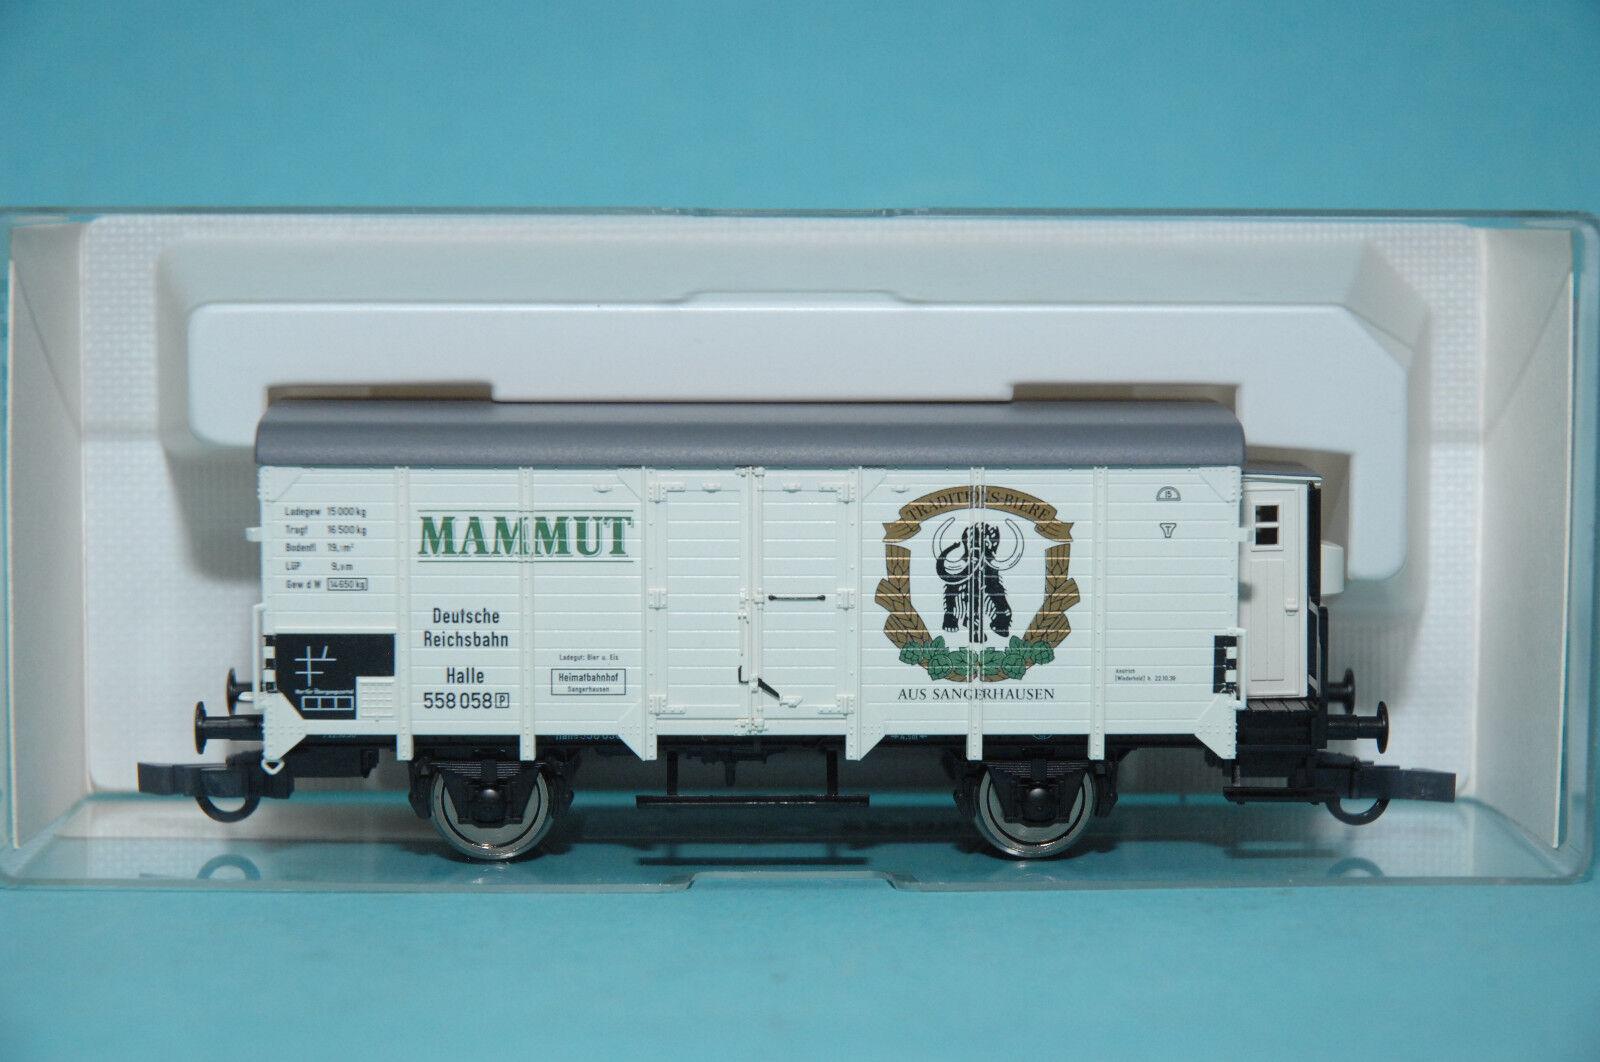 Fleischmann 855346 abgedeckt gterwagen  mammut  halle   555 000 drg ep.ii